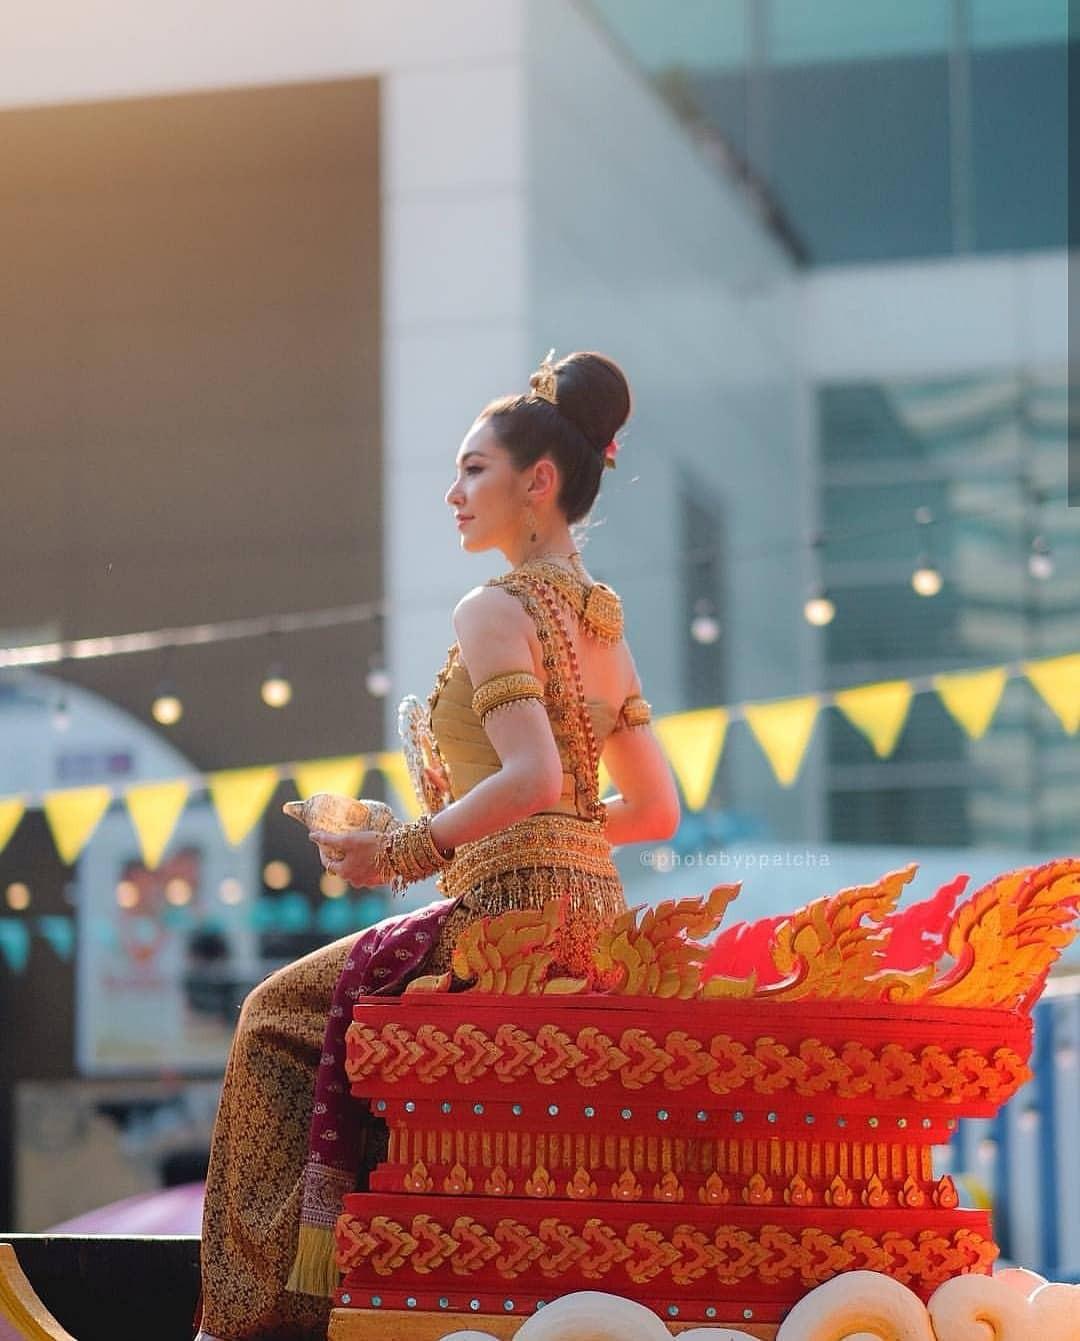 Dàn mỹ nhân đẹp nhất Tbiz hóa nữ thần tại Songkran 2019: Nữ chính Friend zone đỉnh cao nhưng có bằng 5 sao nữ này? - Ảnh 7.